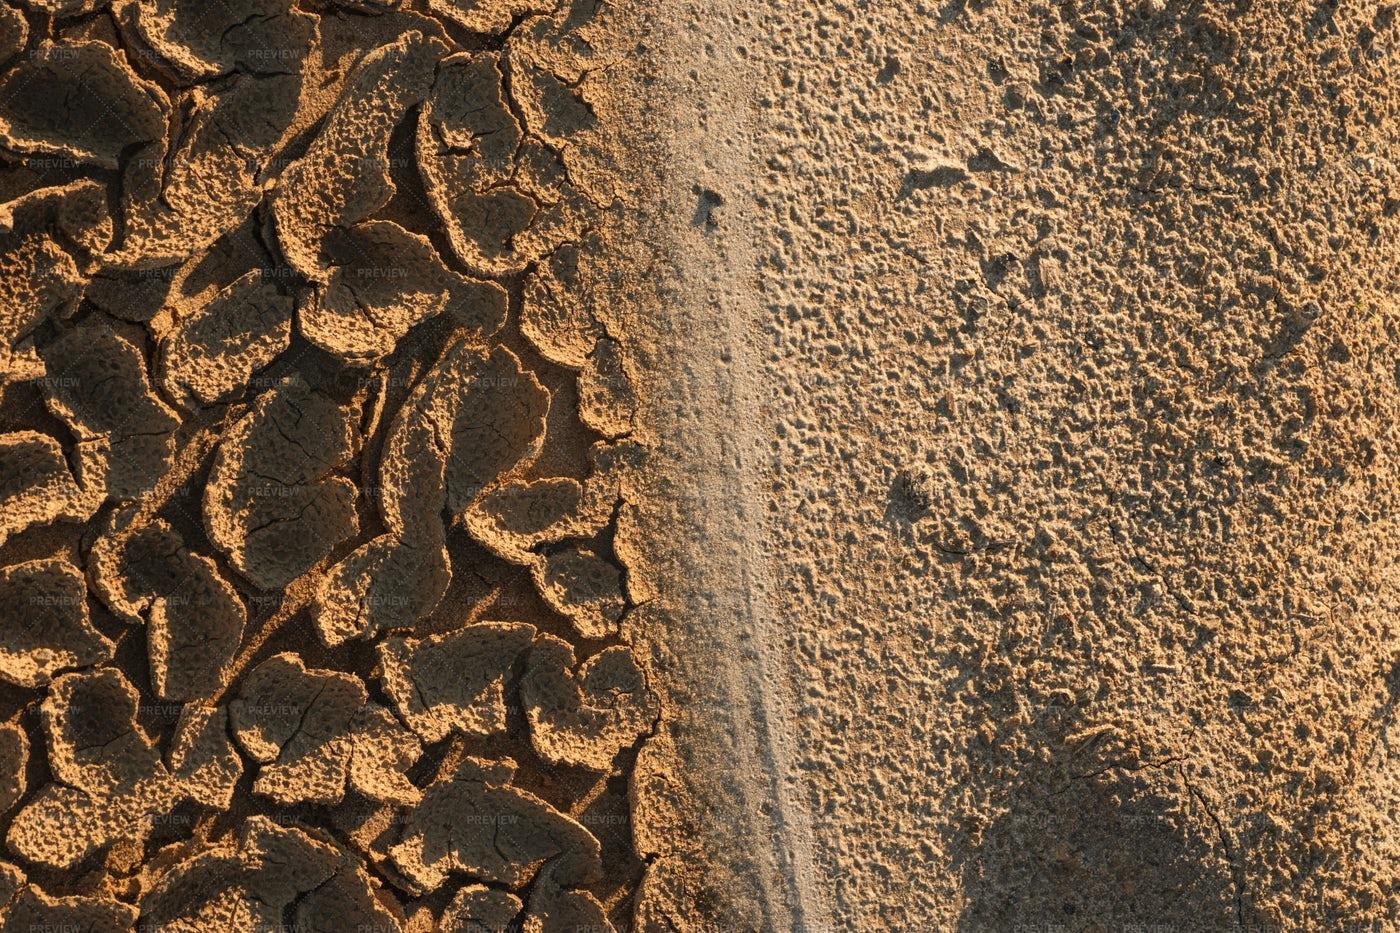 Cracked Desert Soil: Stock Photos